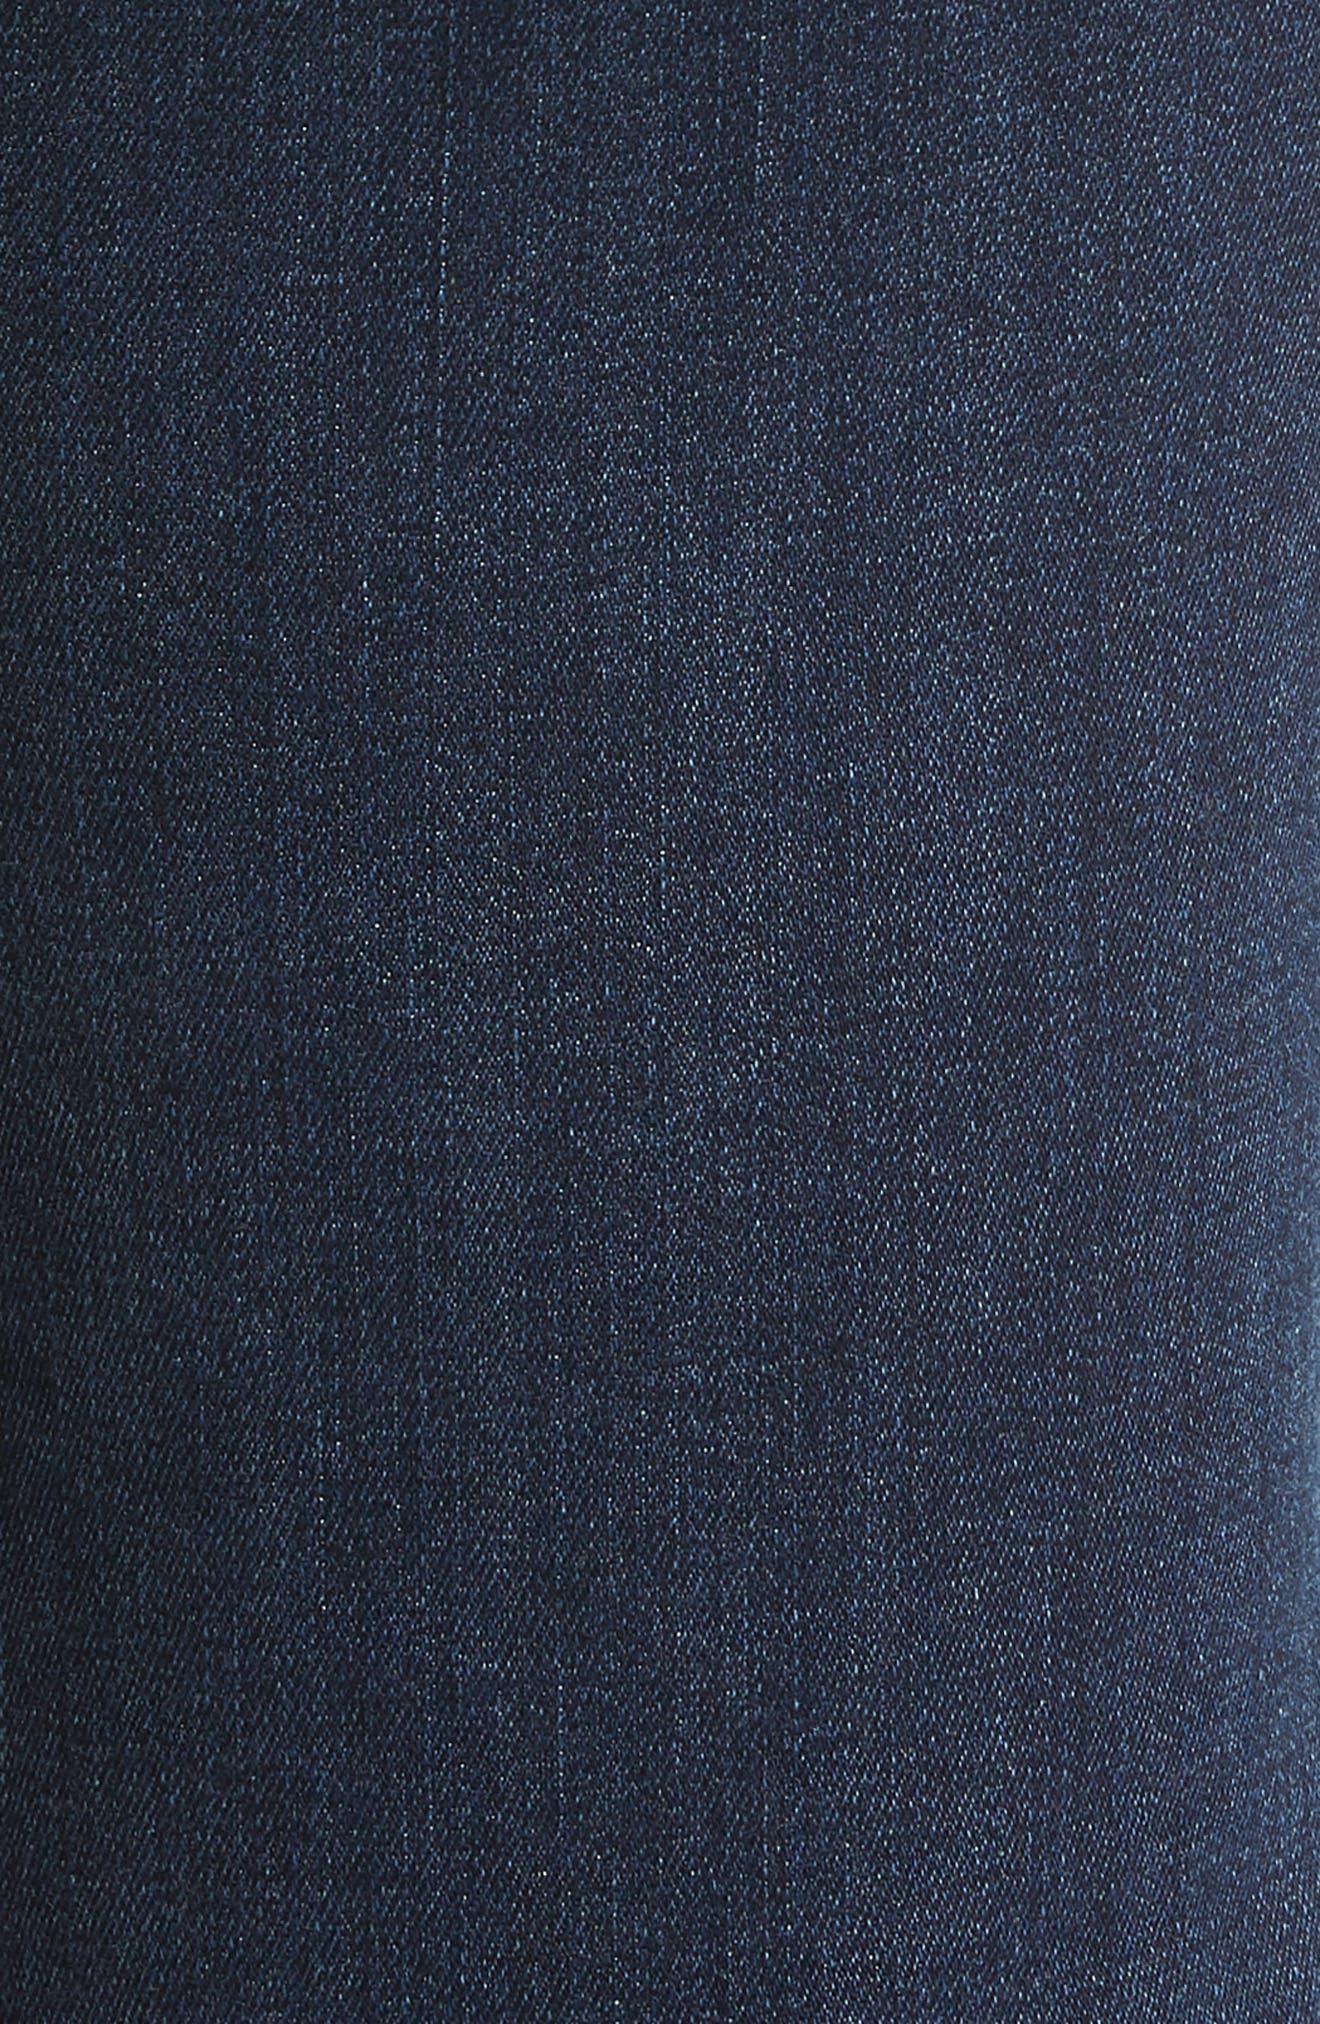 Margot High Waist Ankle Straight Leg Jeans,                             Alternate thumbnail 6, color,